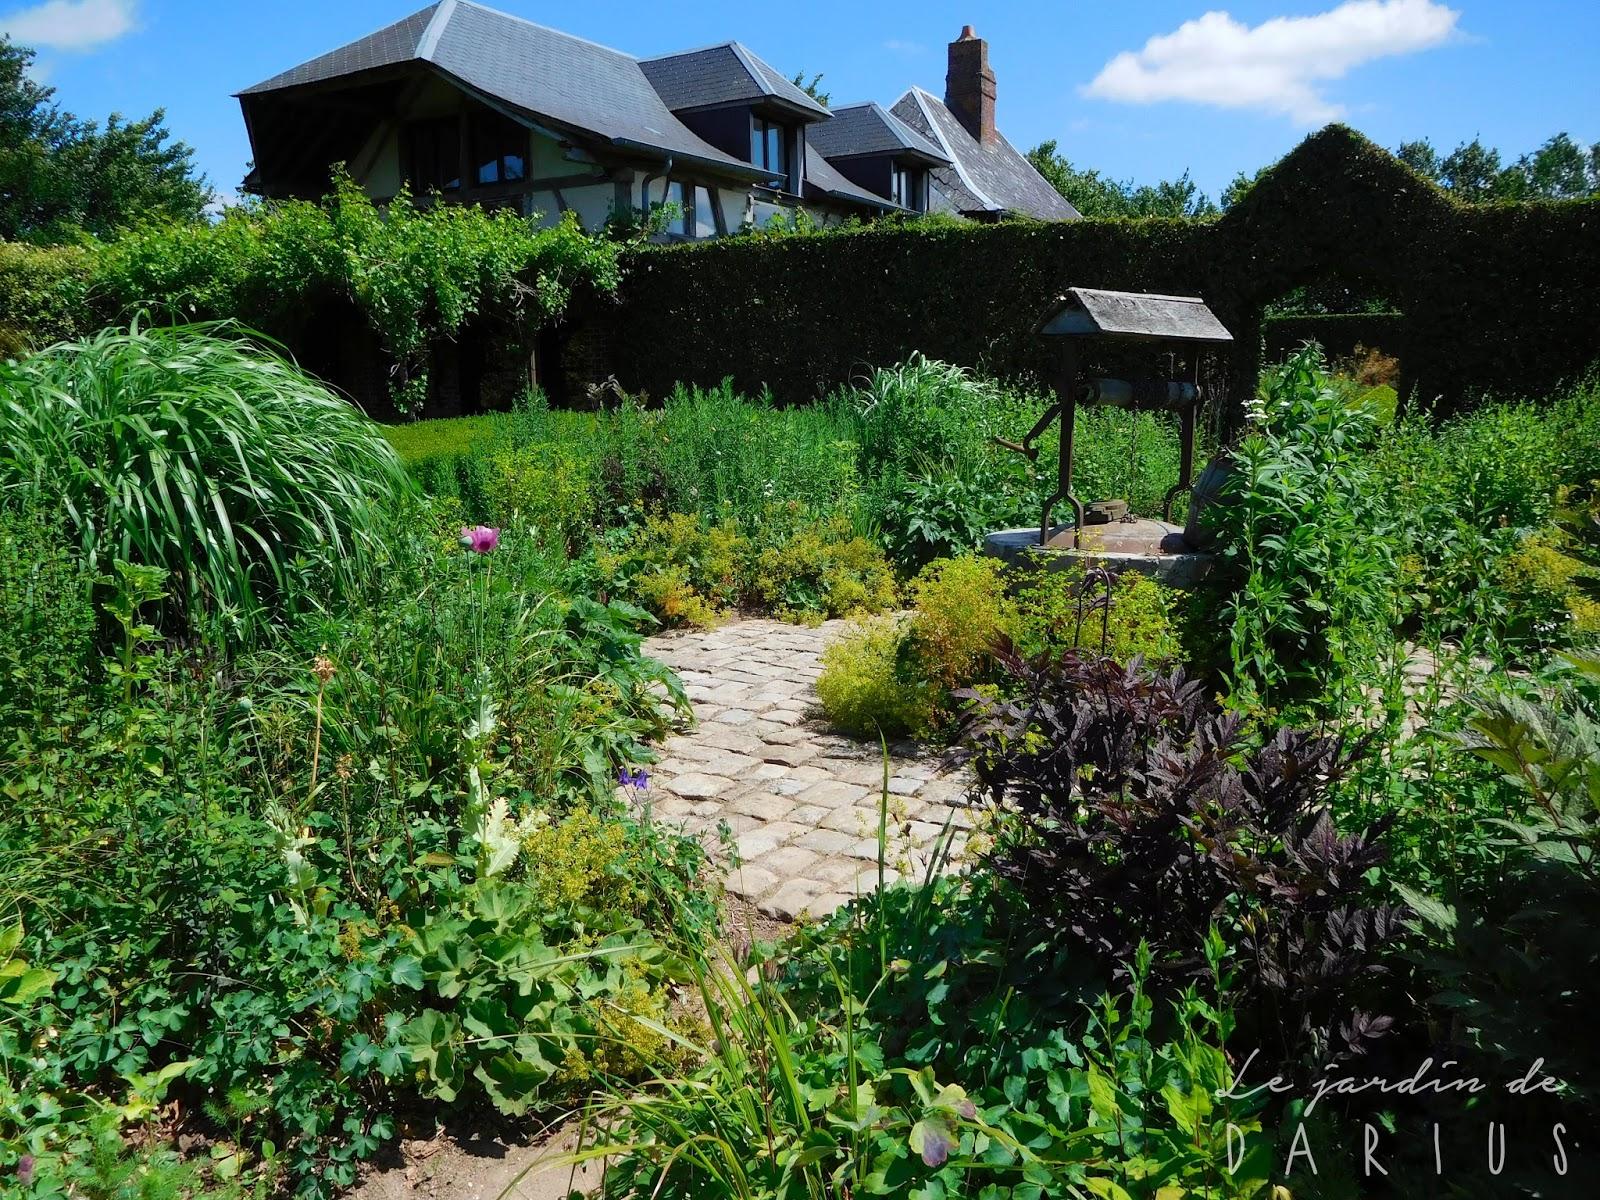 Le jardin de darius le jardin plume for Le jardin des 6